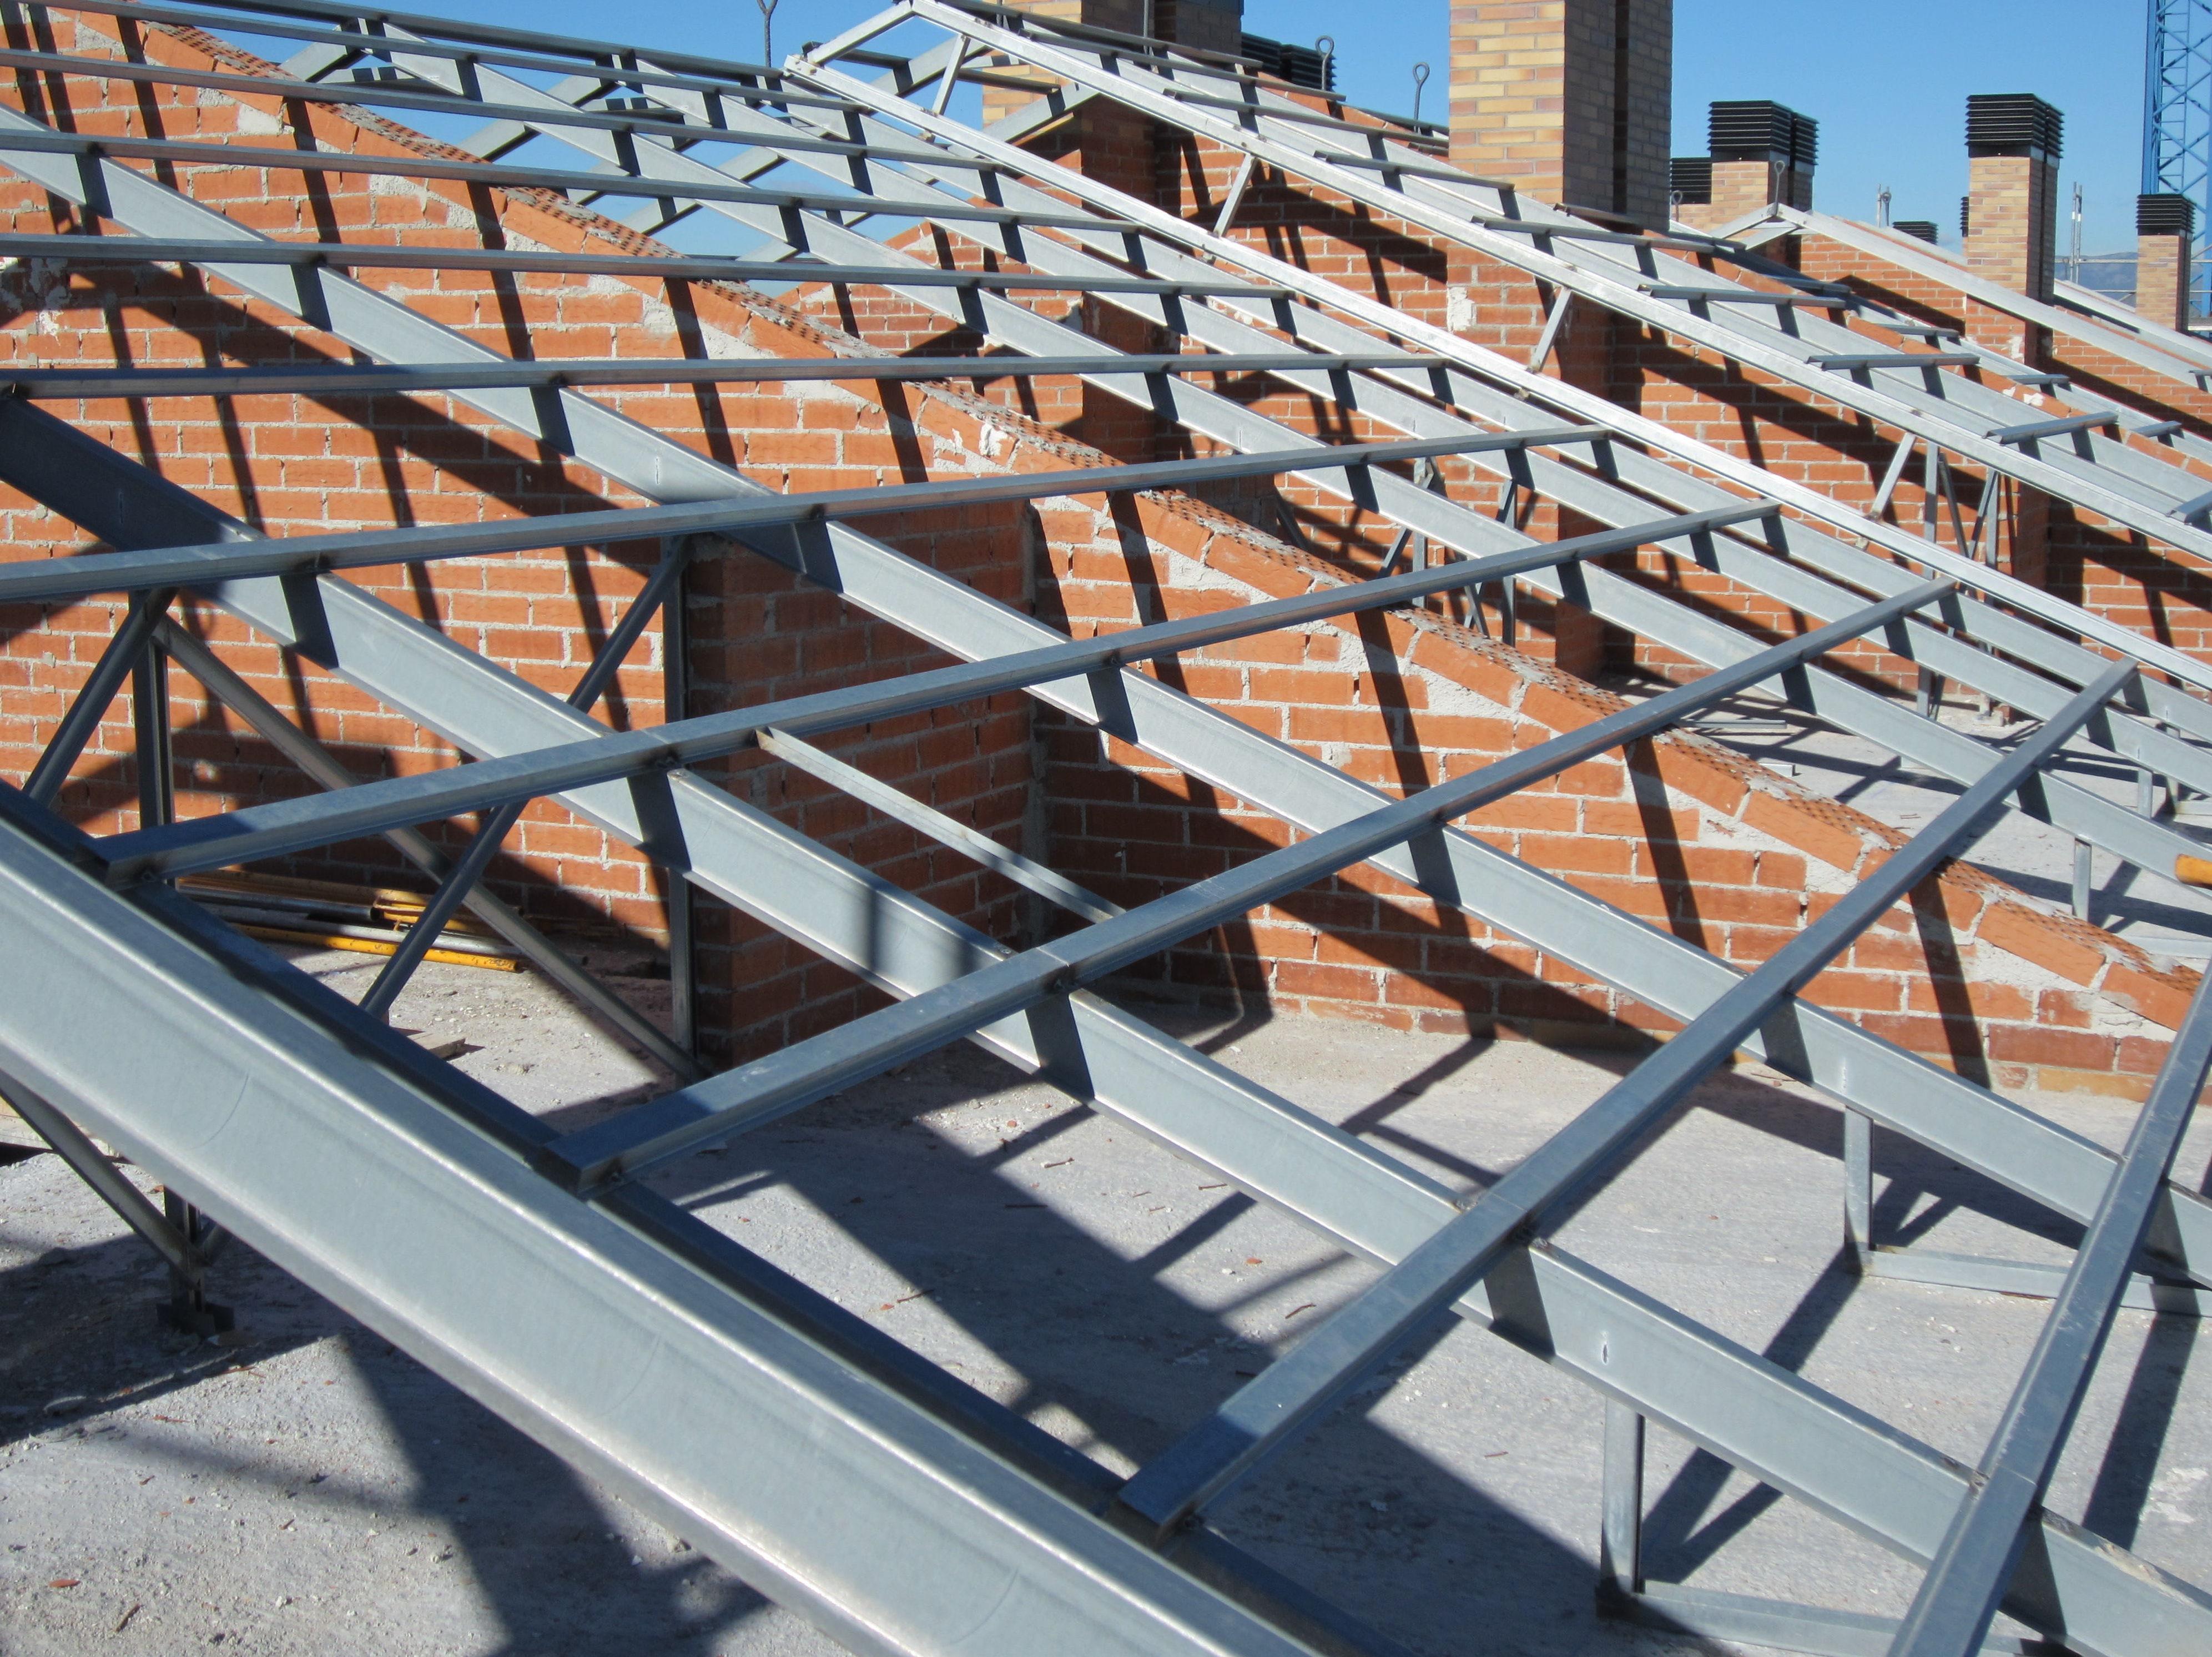 Forjado estructura metalica trendy bueno tambin he for Forjado estructura metalica